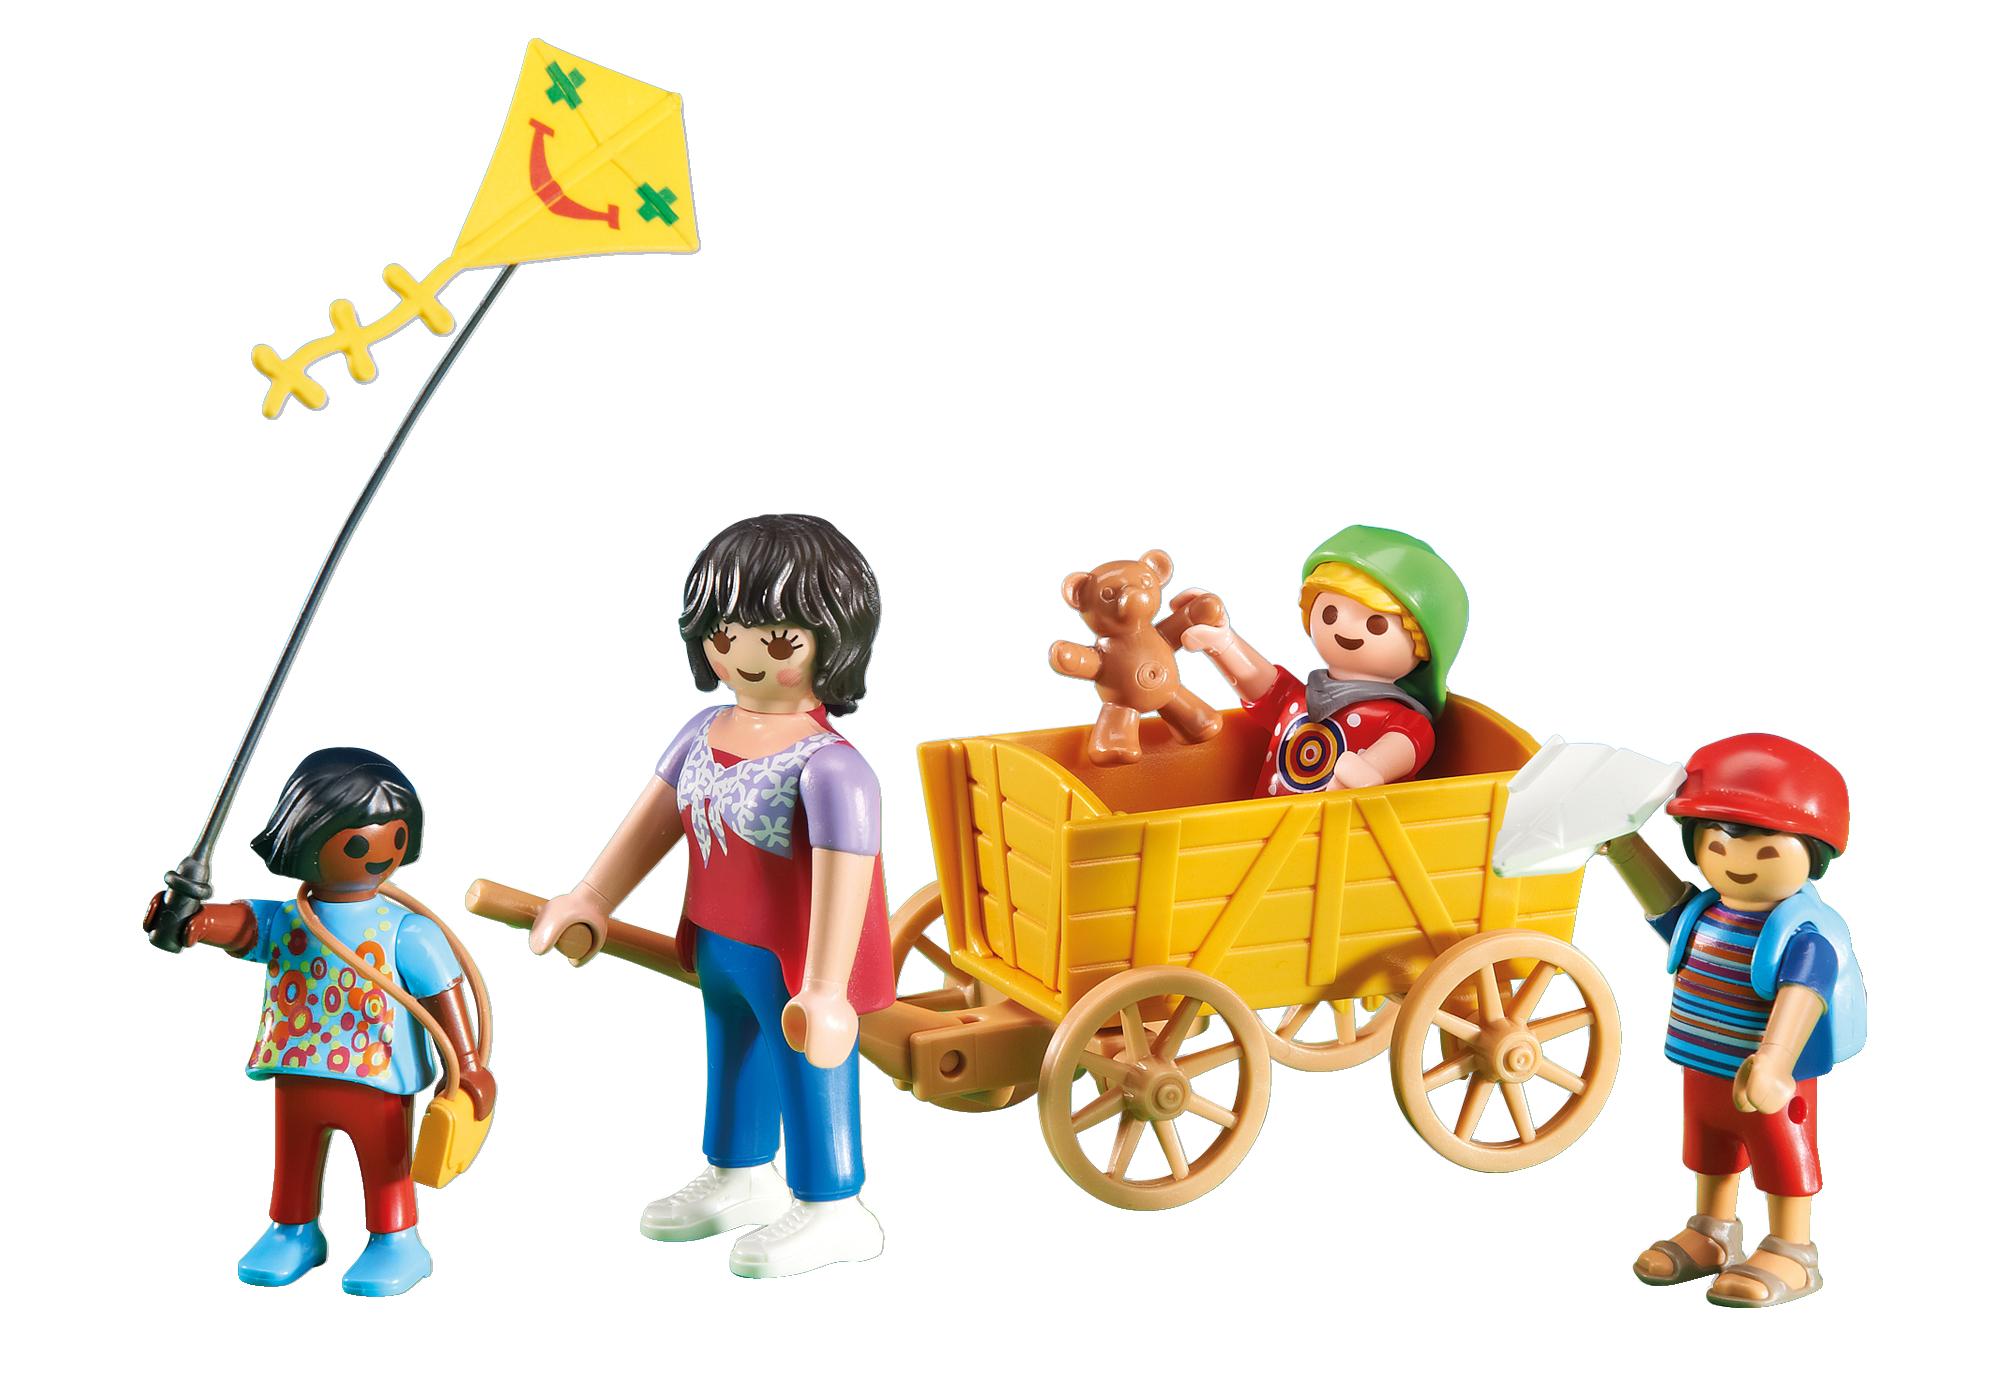 http://media.playmobil.com/i/playmobil/6439_product_detail/Wychowawca z wózkiem